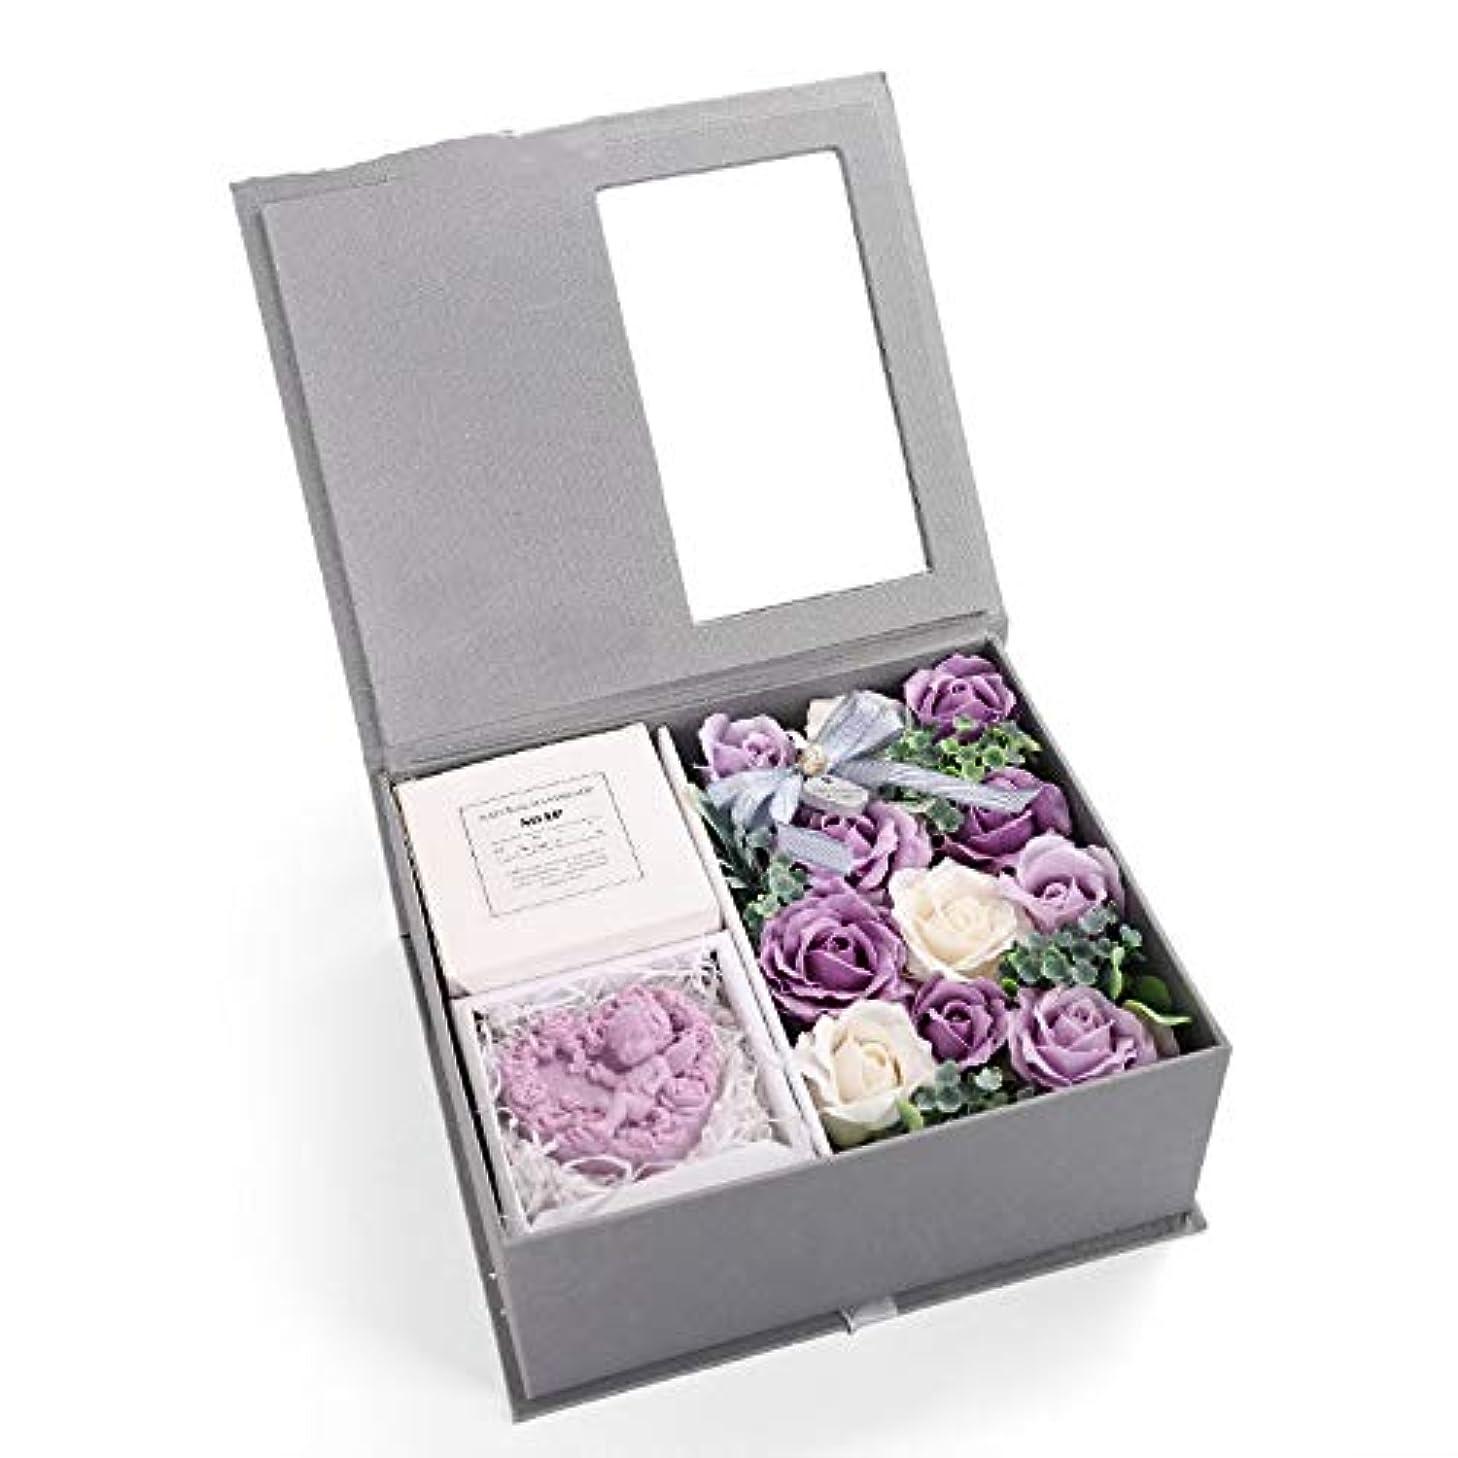 人質面白いバリケード生地と花石鹸の花 バラの花バレンタインデーのためのエッセンシャルバス石鹸の花嫁の記念日誕生日母の日 (色 : 紫の)